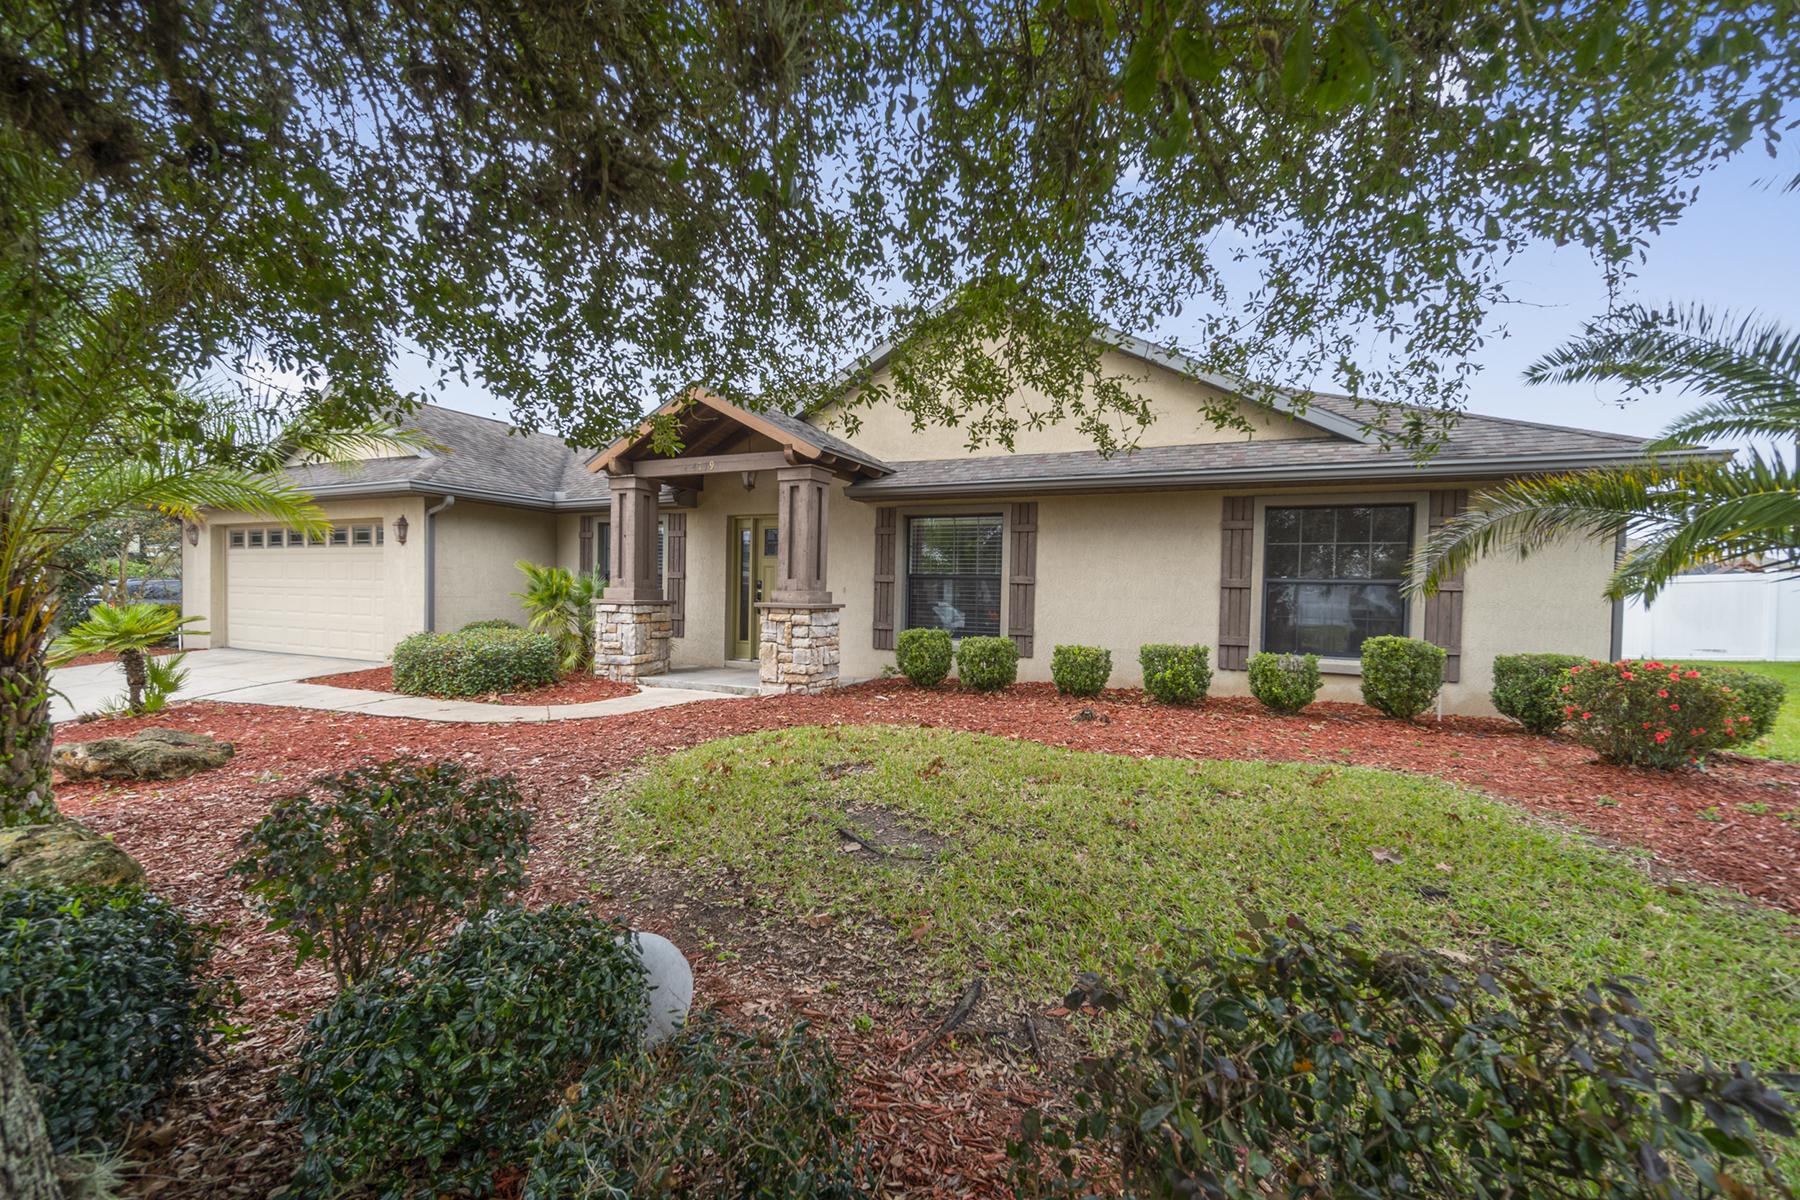 Single Family Homes für Verkauf beim OCALA 4719 Se 33rd St, Ocala, Florida 34480 Vereinigte Staaten